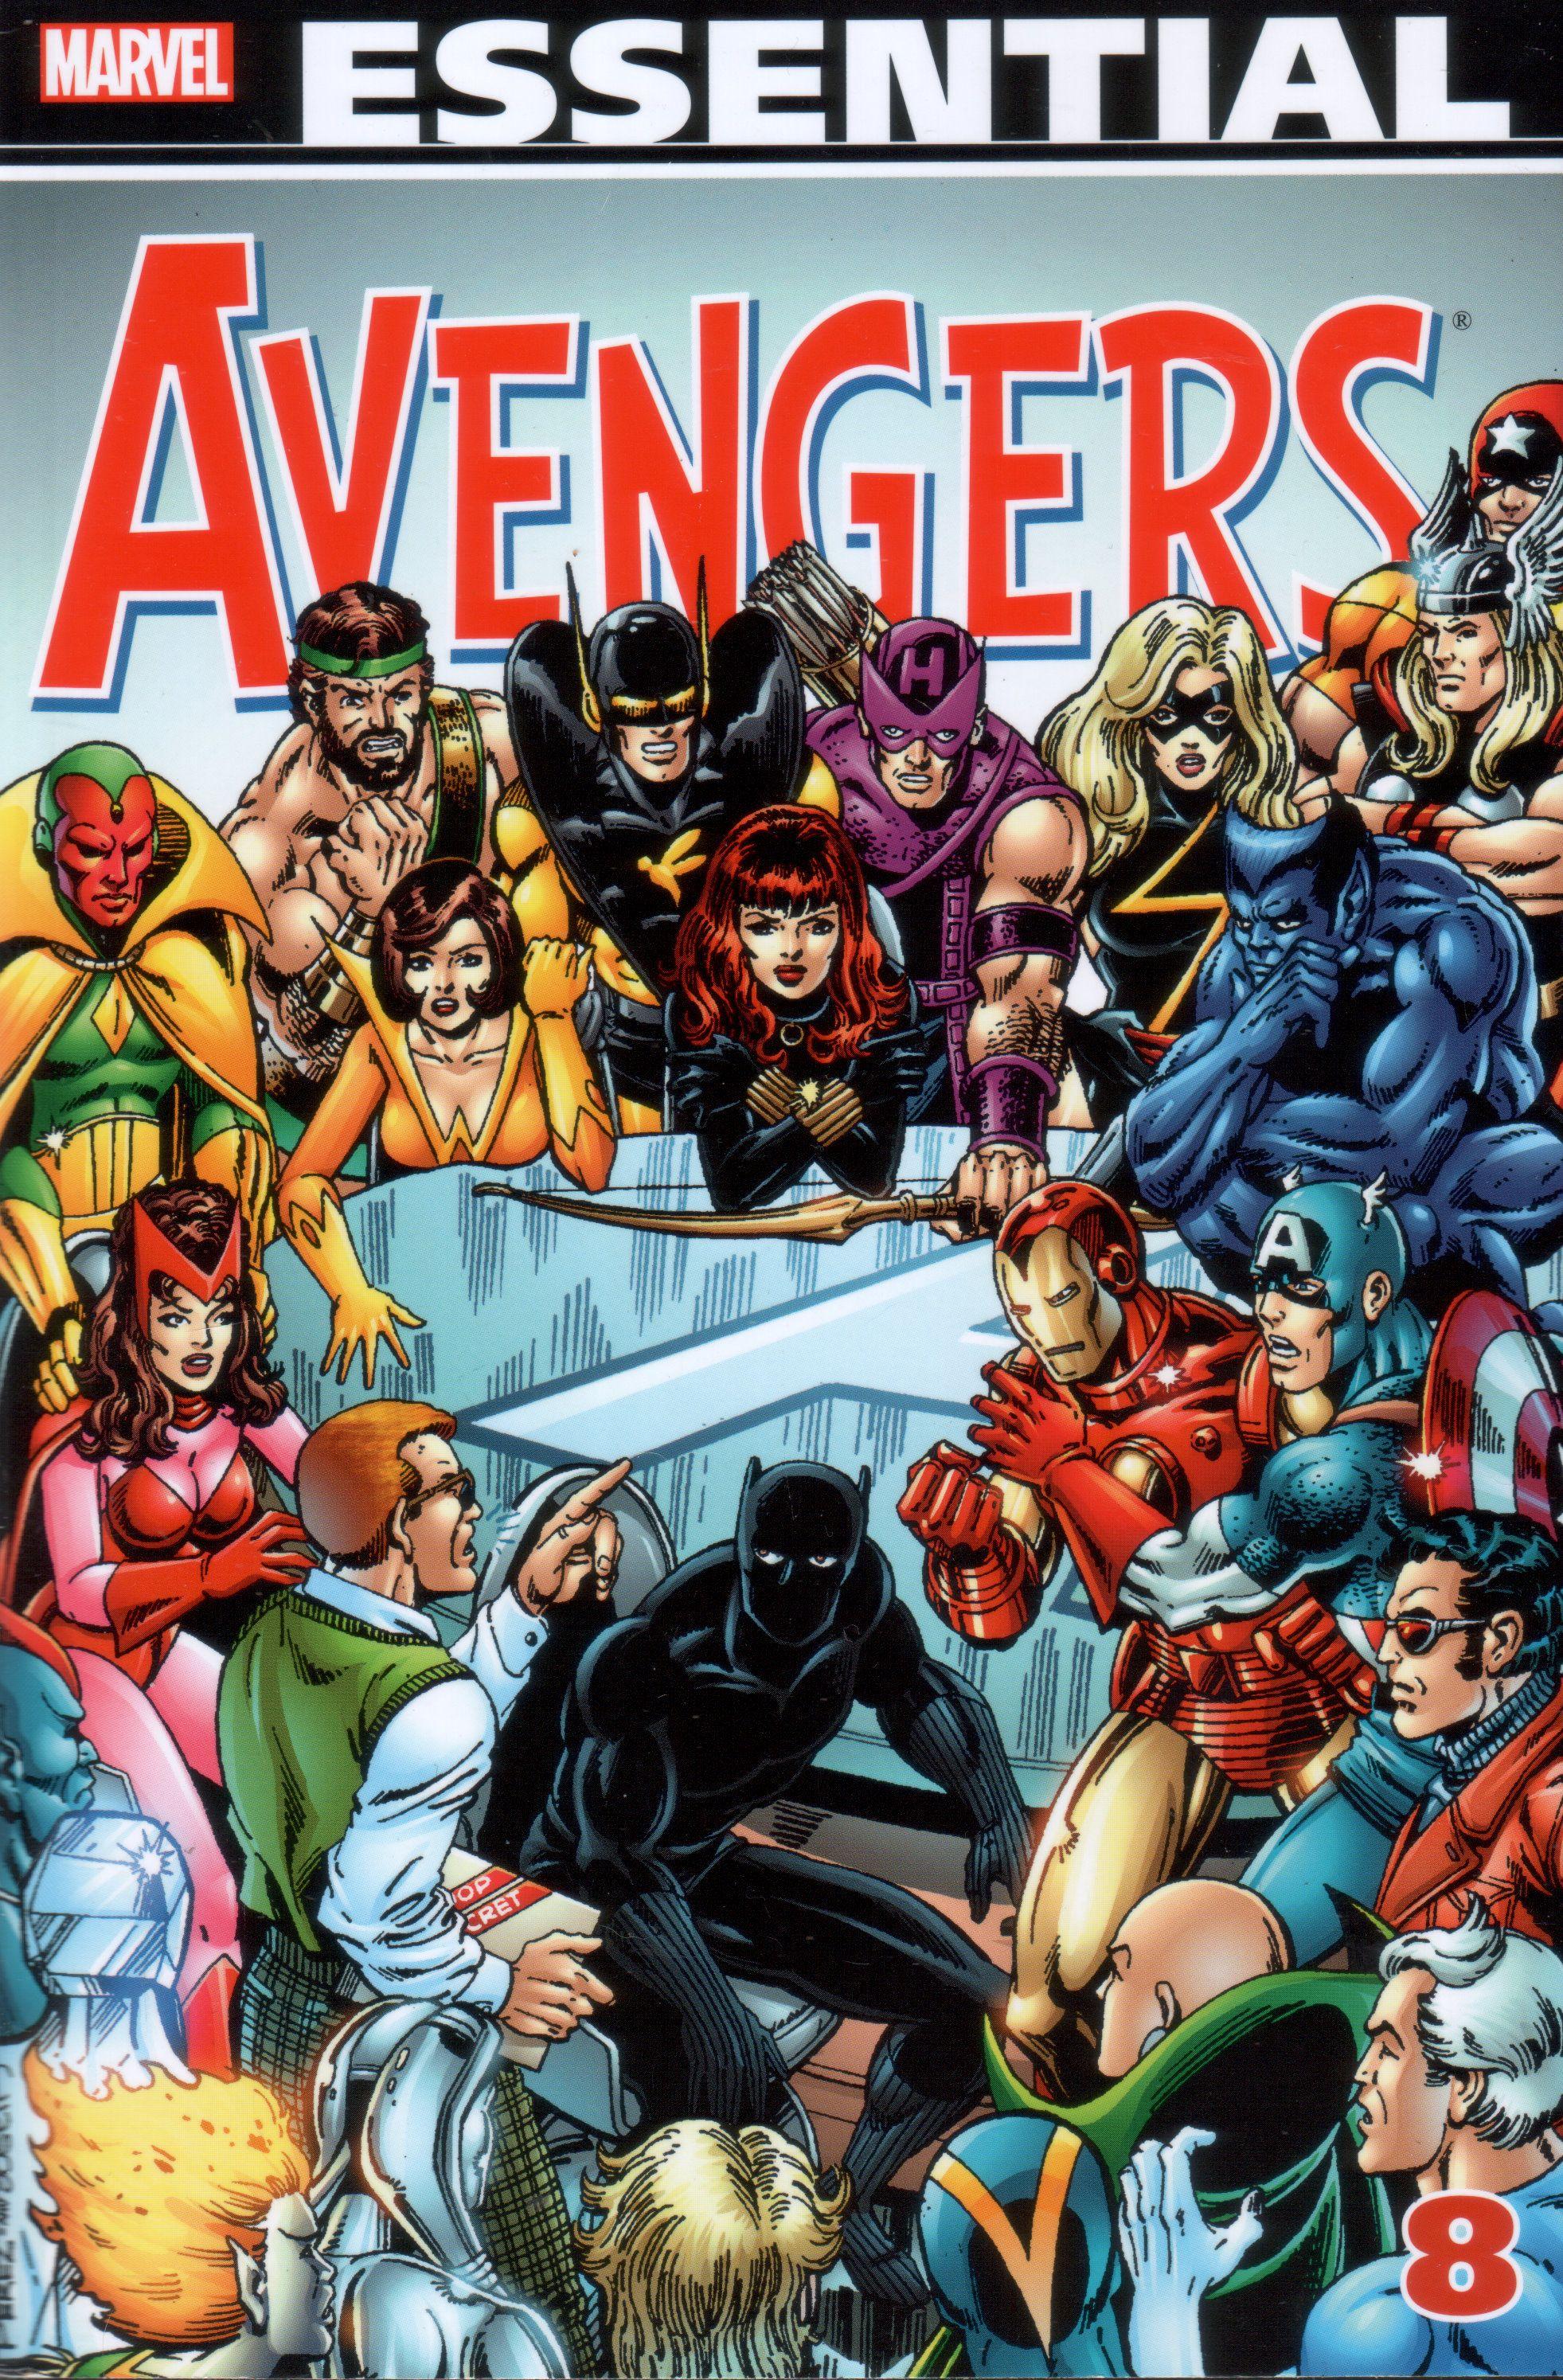 Marvel comics avengers marvel comics 2012 marvel - Telecharger avengers ...